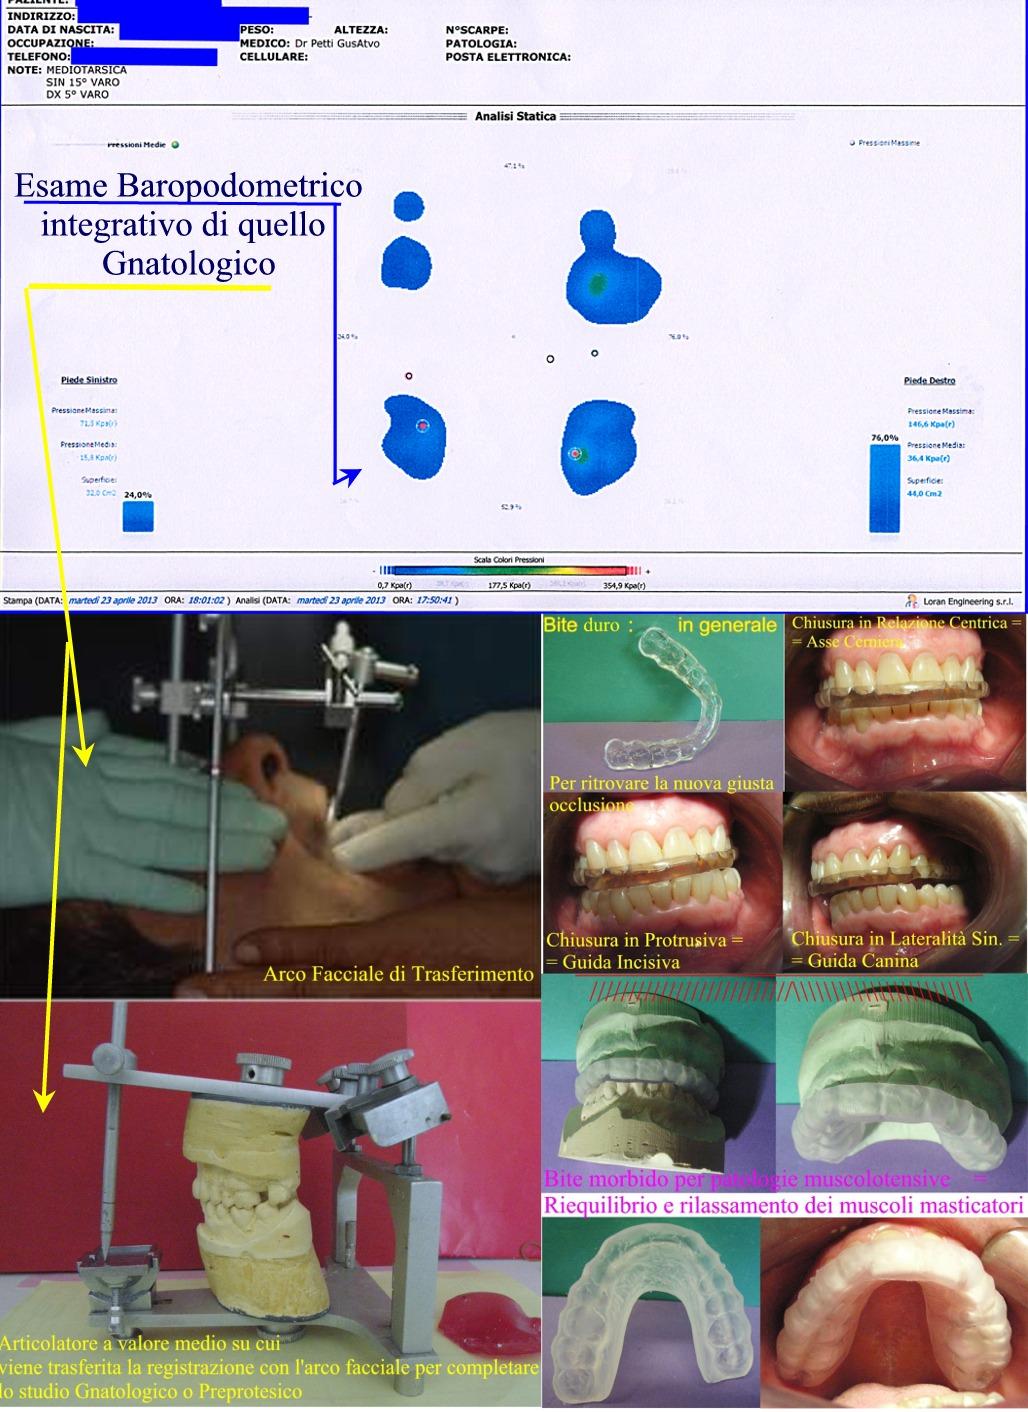 Arco facciale d trasferimento e valutazione statica compiuterzzata e diversi tipi di Bite nella visita GNatologica. Da Dr. Gustavo Petti Parodontologo Gnatologo di Cagliari